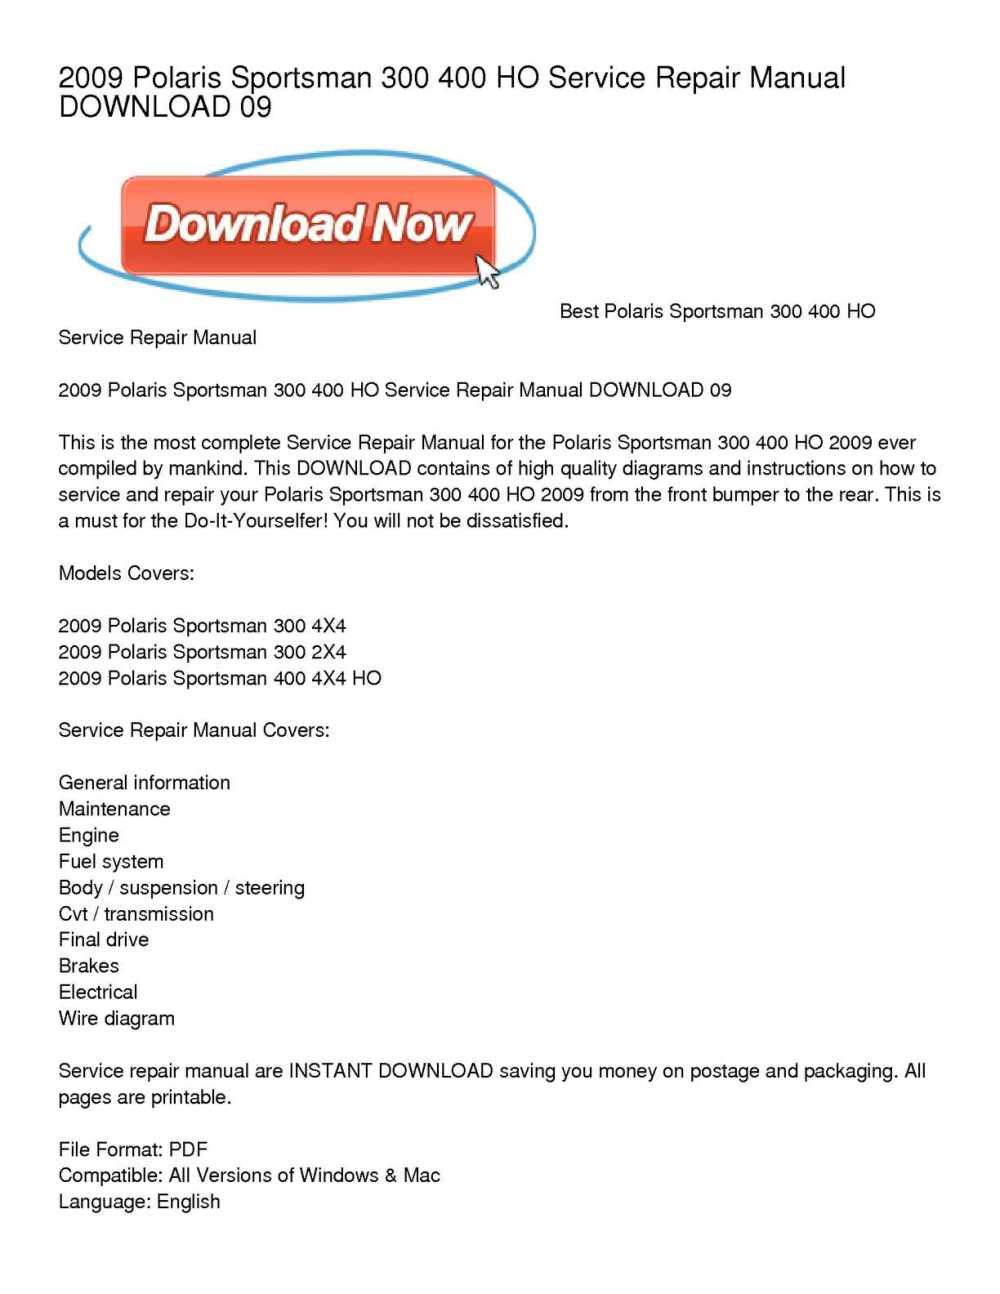 medium resolution of calam o 2009 polaris sportsman 300 400 ho service repair manual download 09